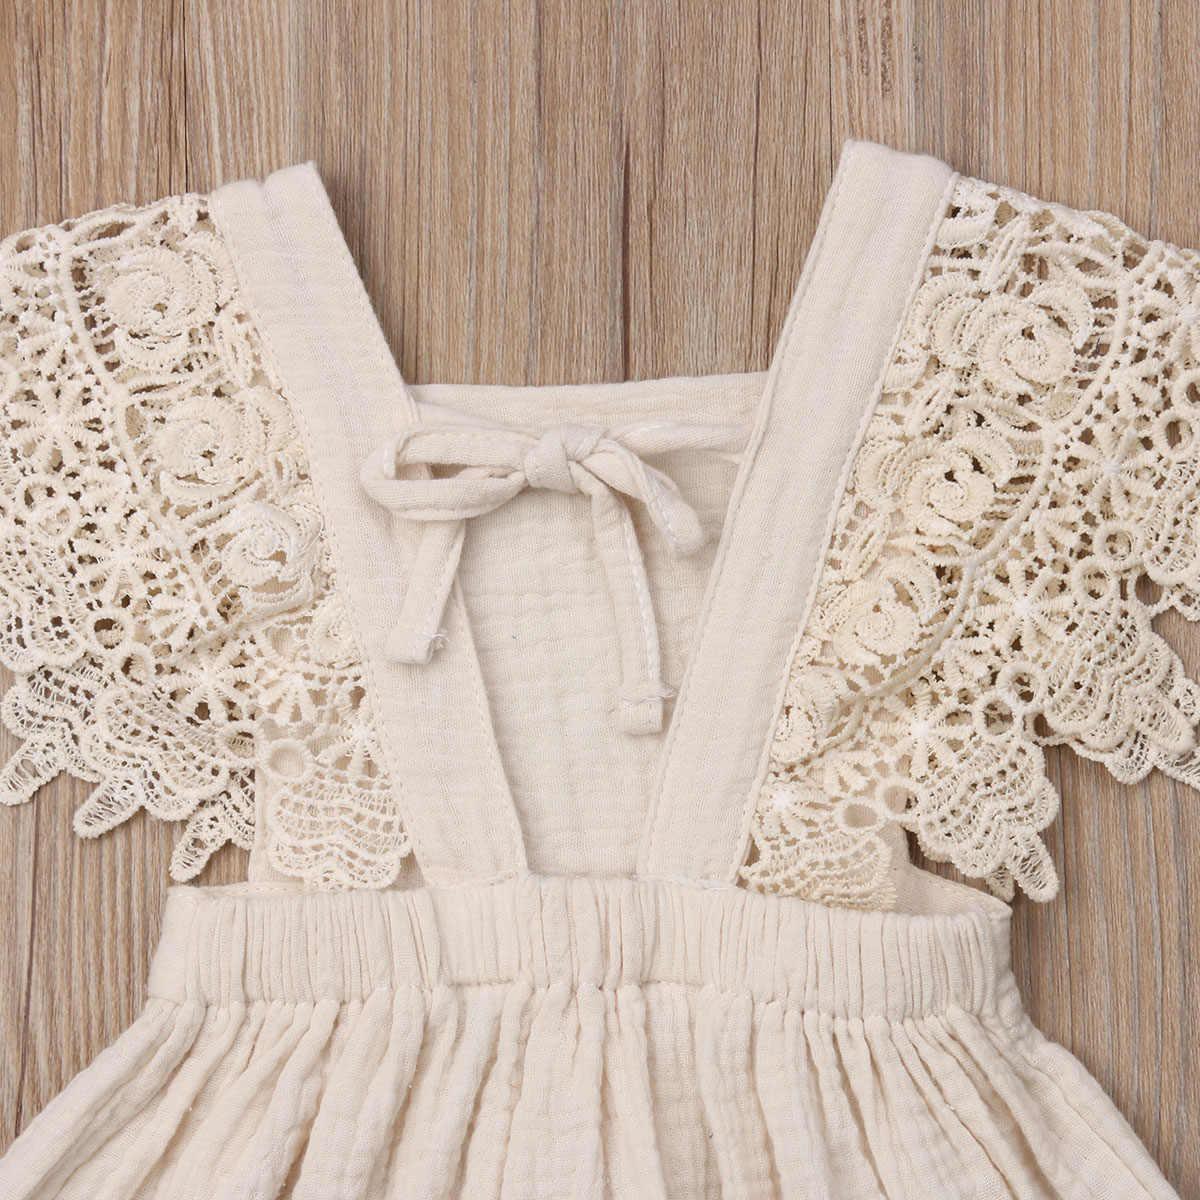 Новое поступление; детское кружевное платье; праздничное платье для маленьких девочек; однотонное платье без рукавов; одежда